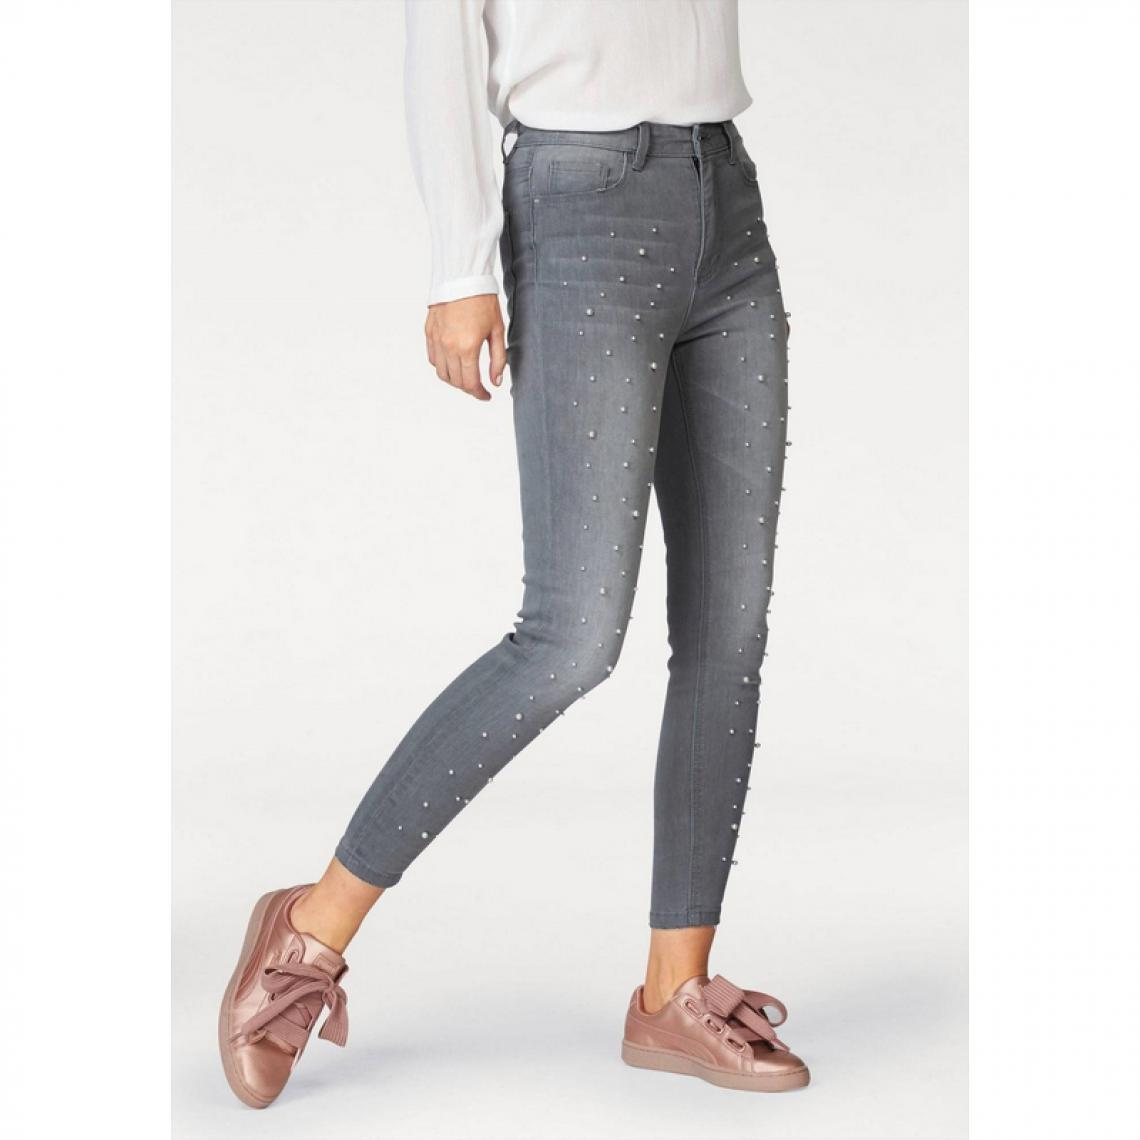 68e20c3cea Jean skinny taille haute Femme AJC - Gris | 3 SUISSES